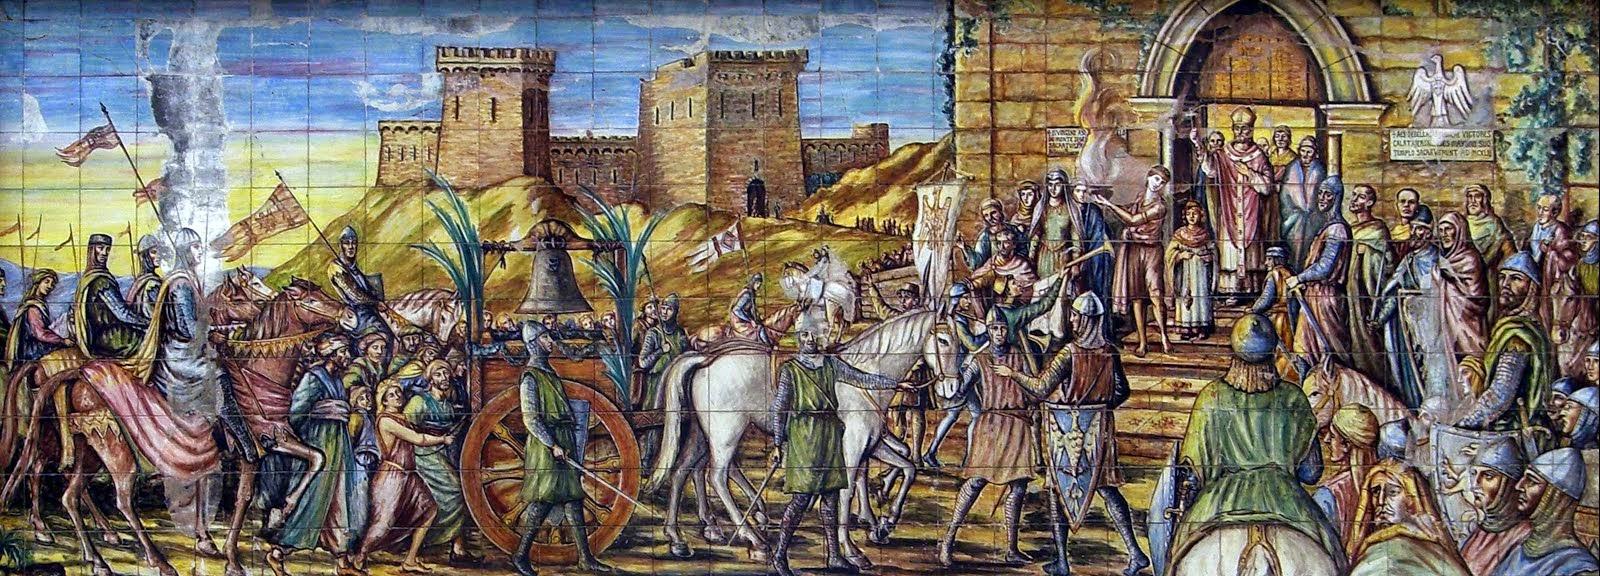 Conduzione della campana d'Altavilla a Caltagirone, mosaico in maiolica policroma nella piazza dell